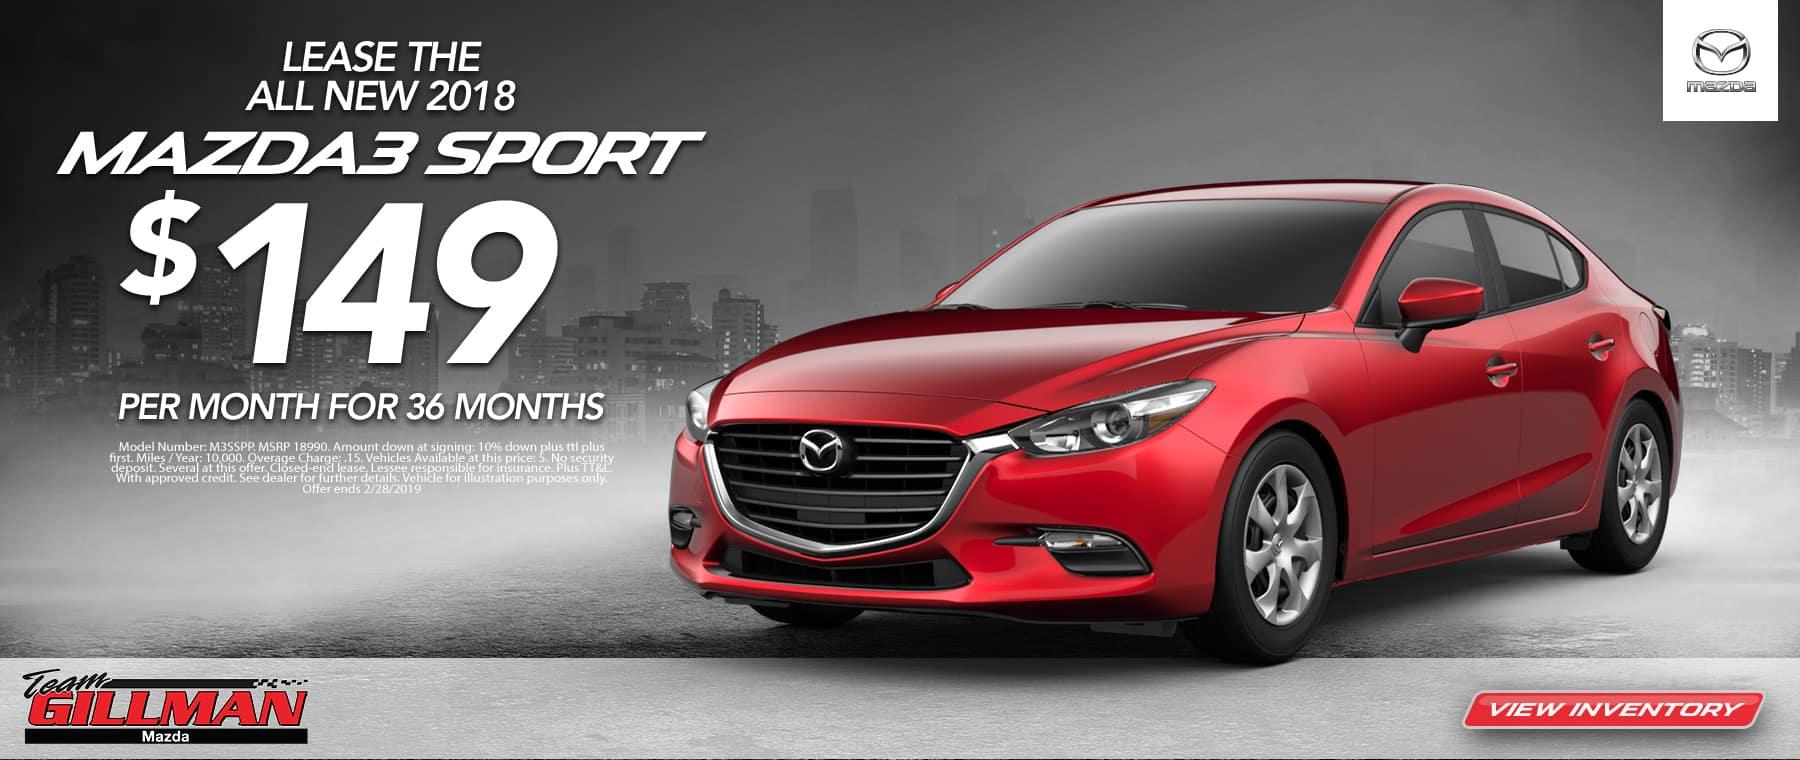 2018-Mazda-3-Sport